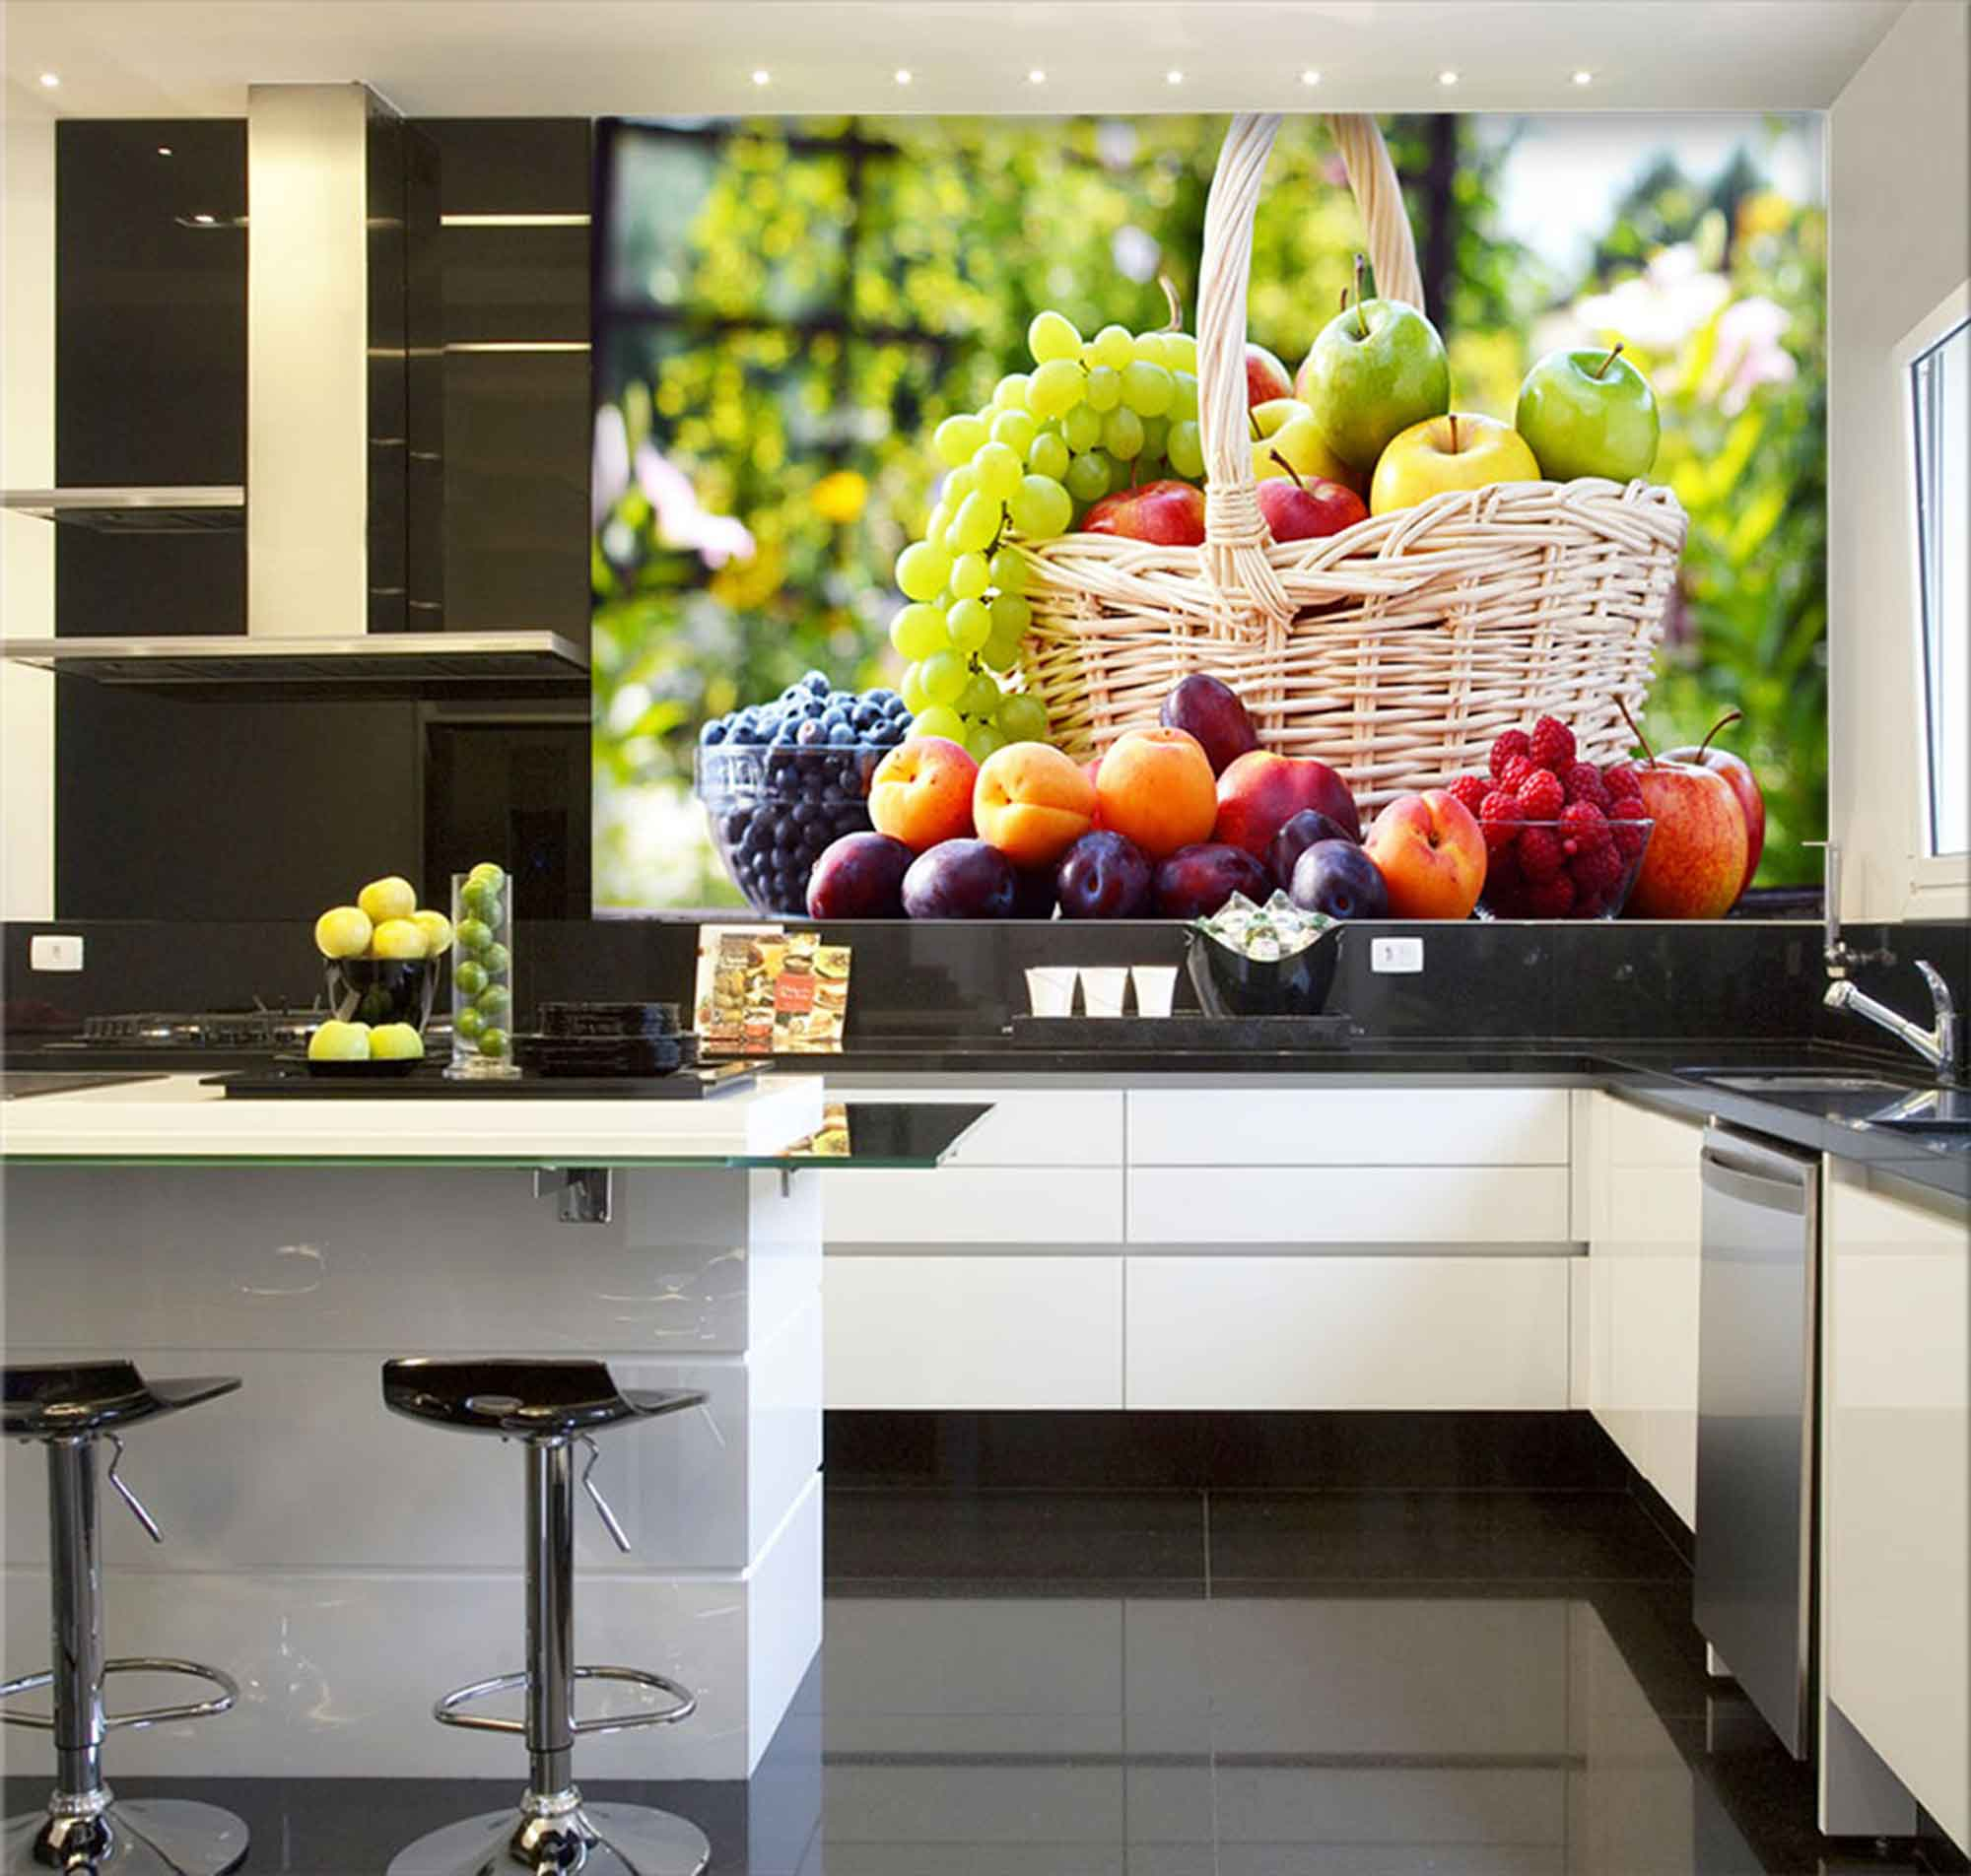 Papel De Parede Para Cozinha 0021 - Sobmedida: m²   - Paredes Decoradas